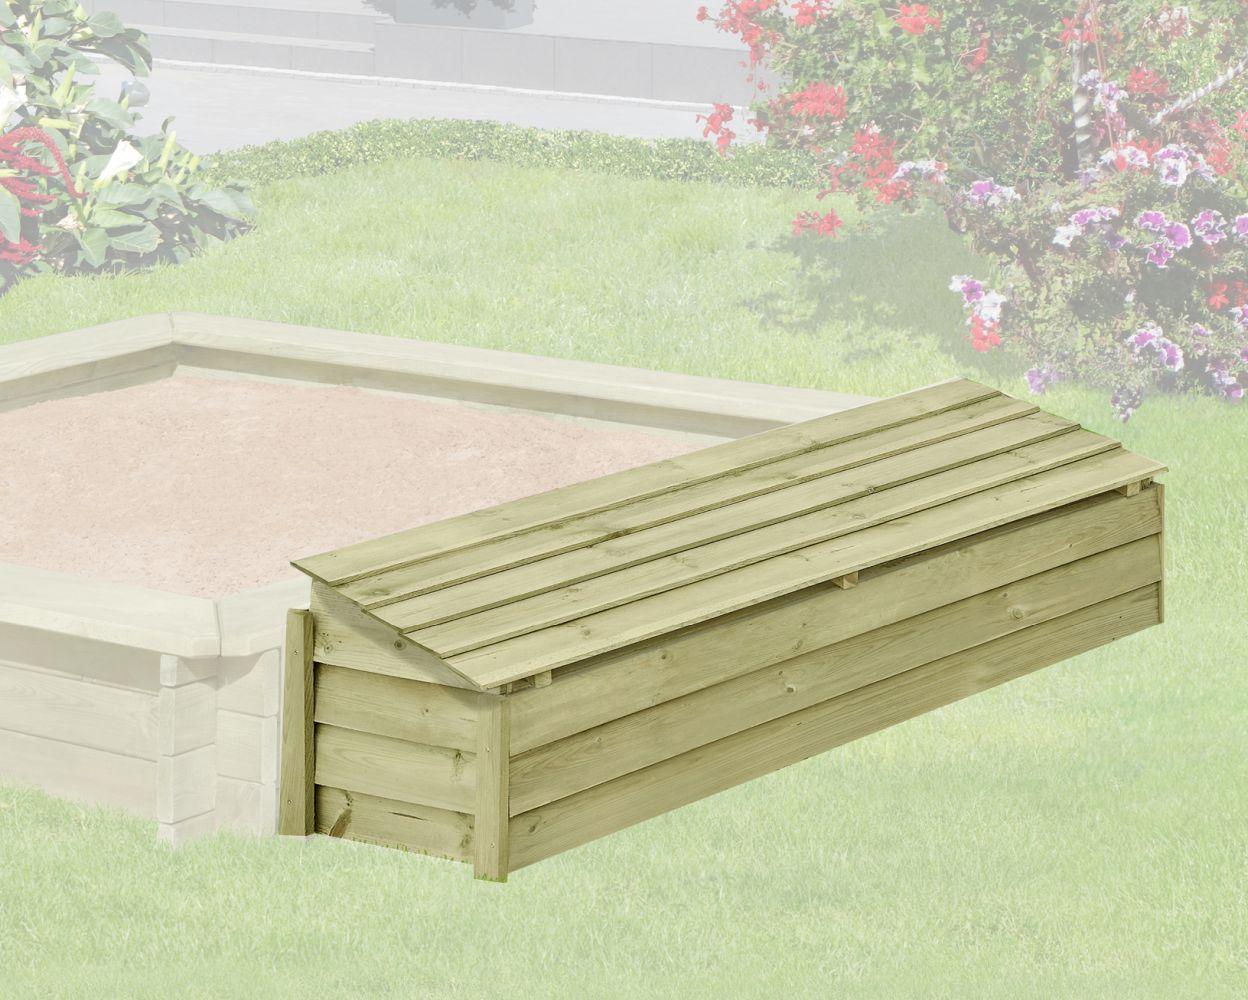 Holzbox mit Klappdeckel 01 -  aus Kiefernholz, FSC® - Abmessungen: 147 x 43 x 39 cm (B x T x H)